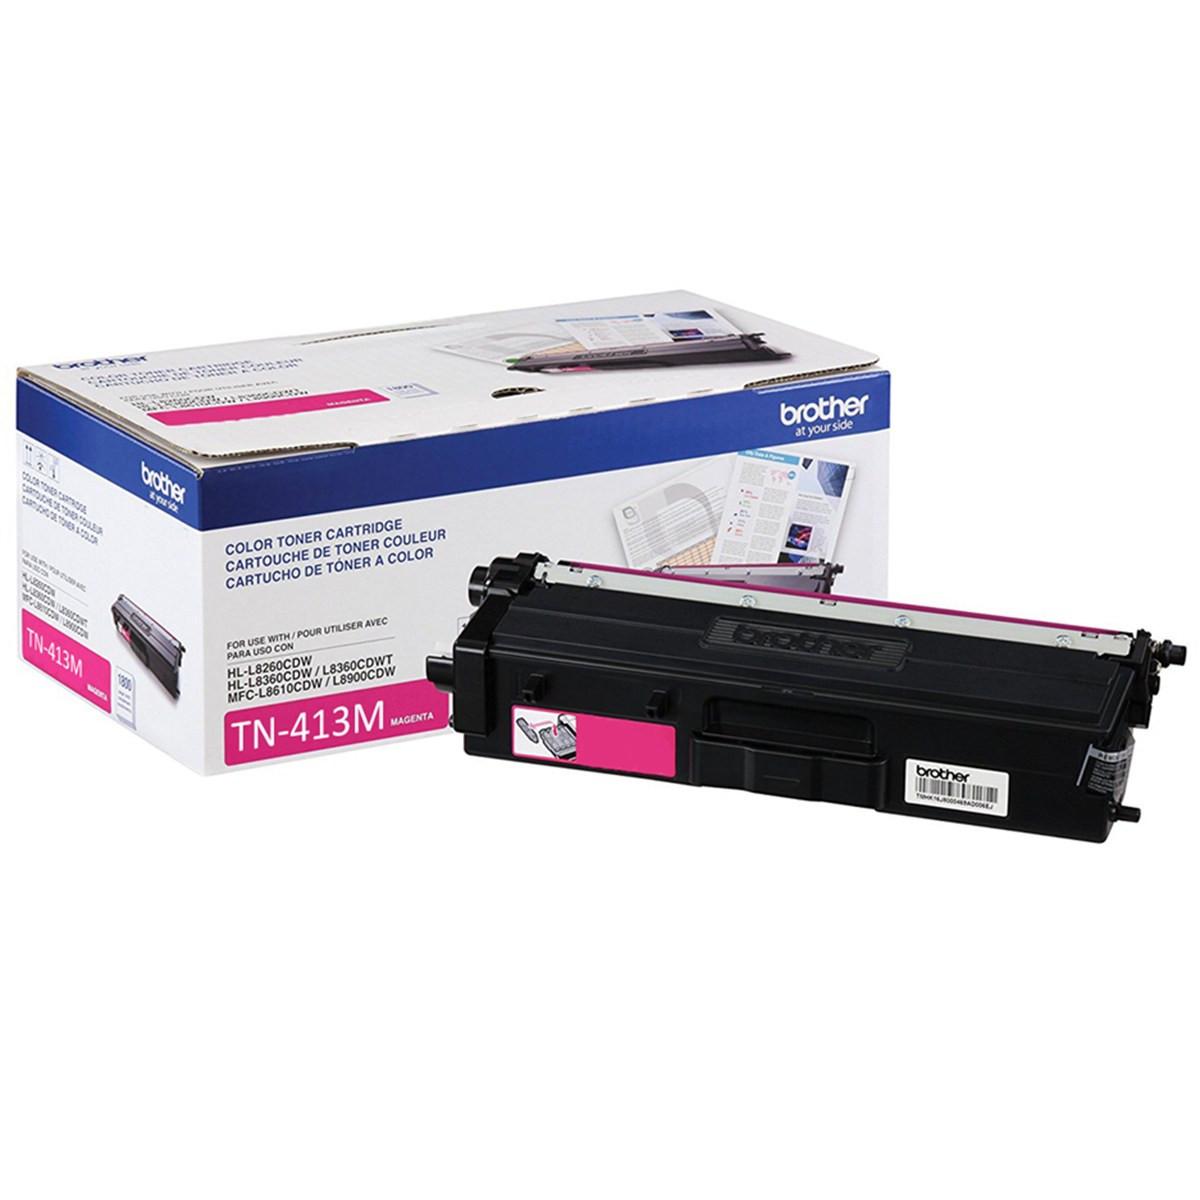 Toner Brother TN-413M Magenta   HL-L8360CDW MFC-L8610CDW MFC-L8900CDW MFC-L9570CDW   Original 4k